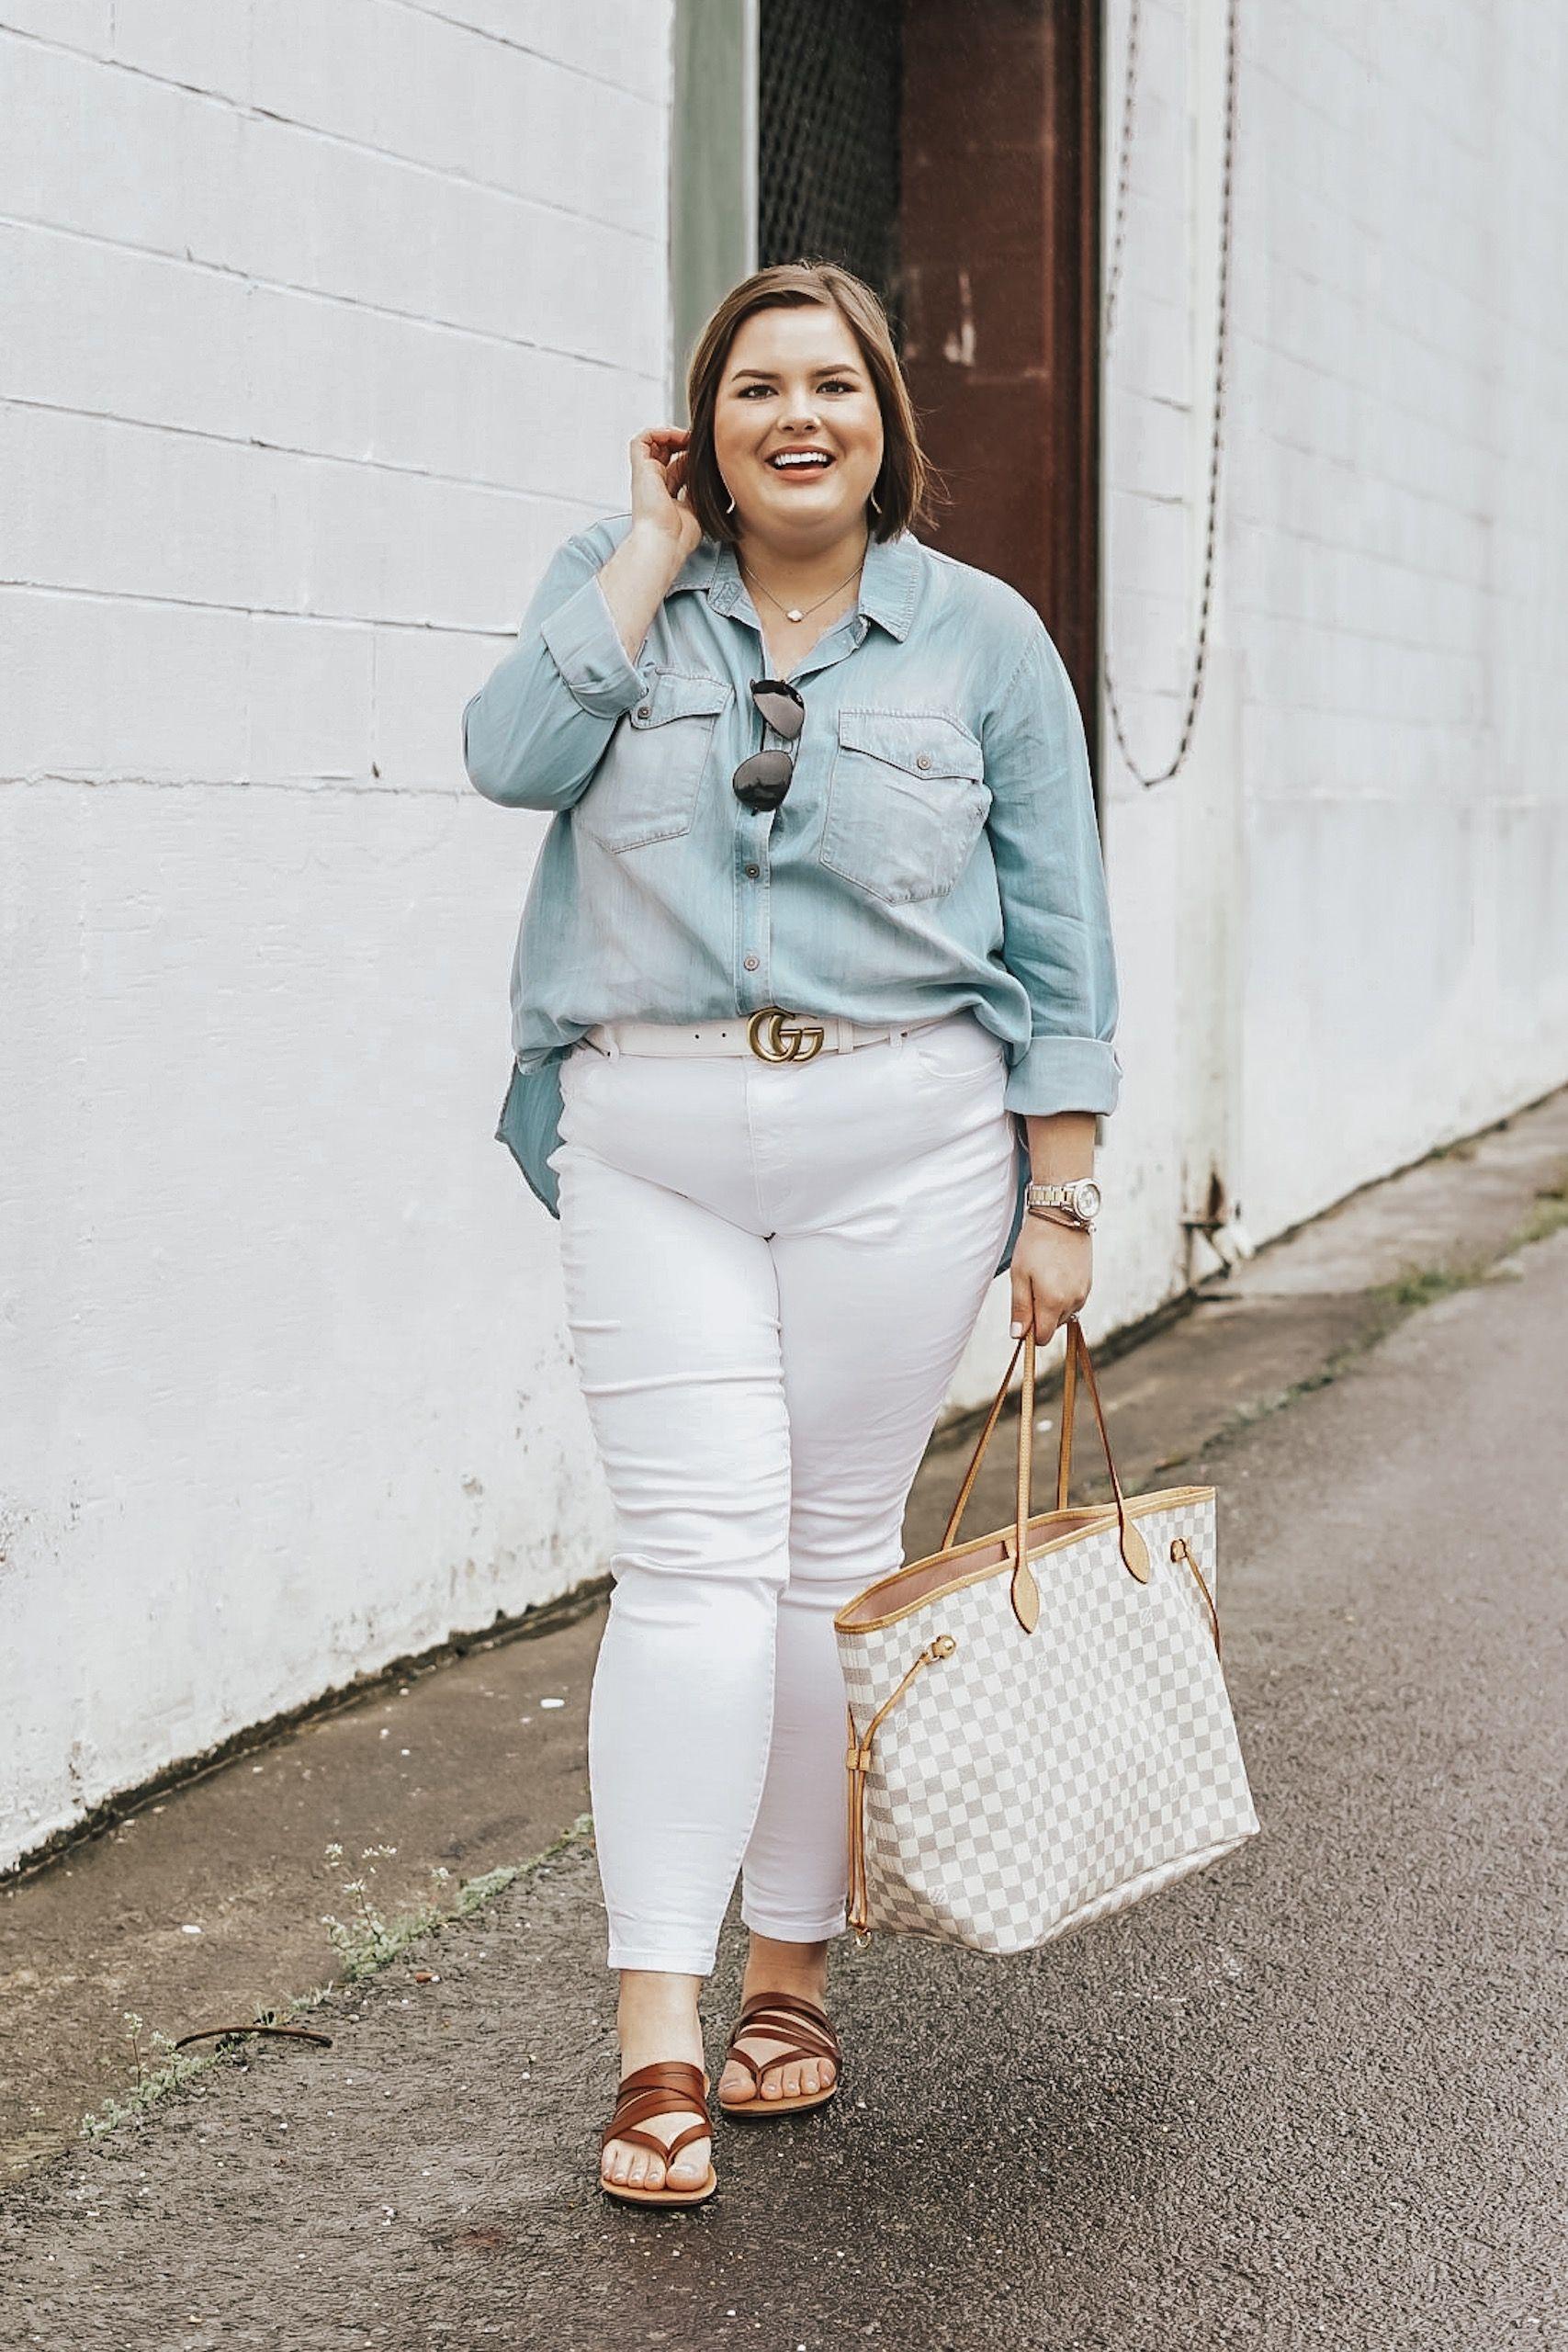 Spring Trend: The Tucked In Shirt  #chambrayshirt #buttondownshirt #buttondown #tuckin #frontuck #whitejeans #widewidthsandals #widewidthshoes #plussizefashion #plusszie #plussizestyle #curvy #curvyfashion #curvystyle #springstyle #springoutfit #springfashion #weekendstyle